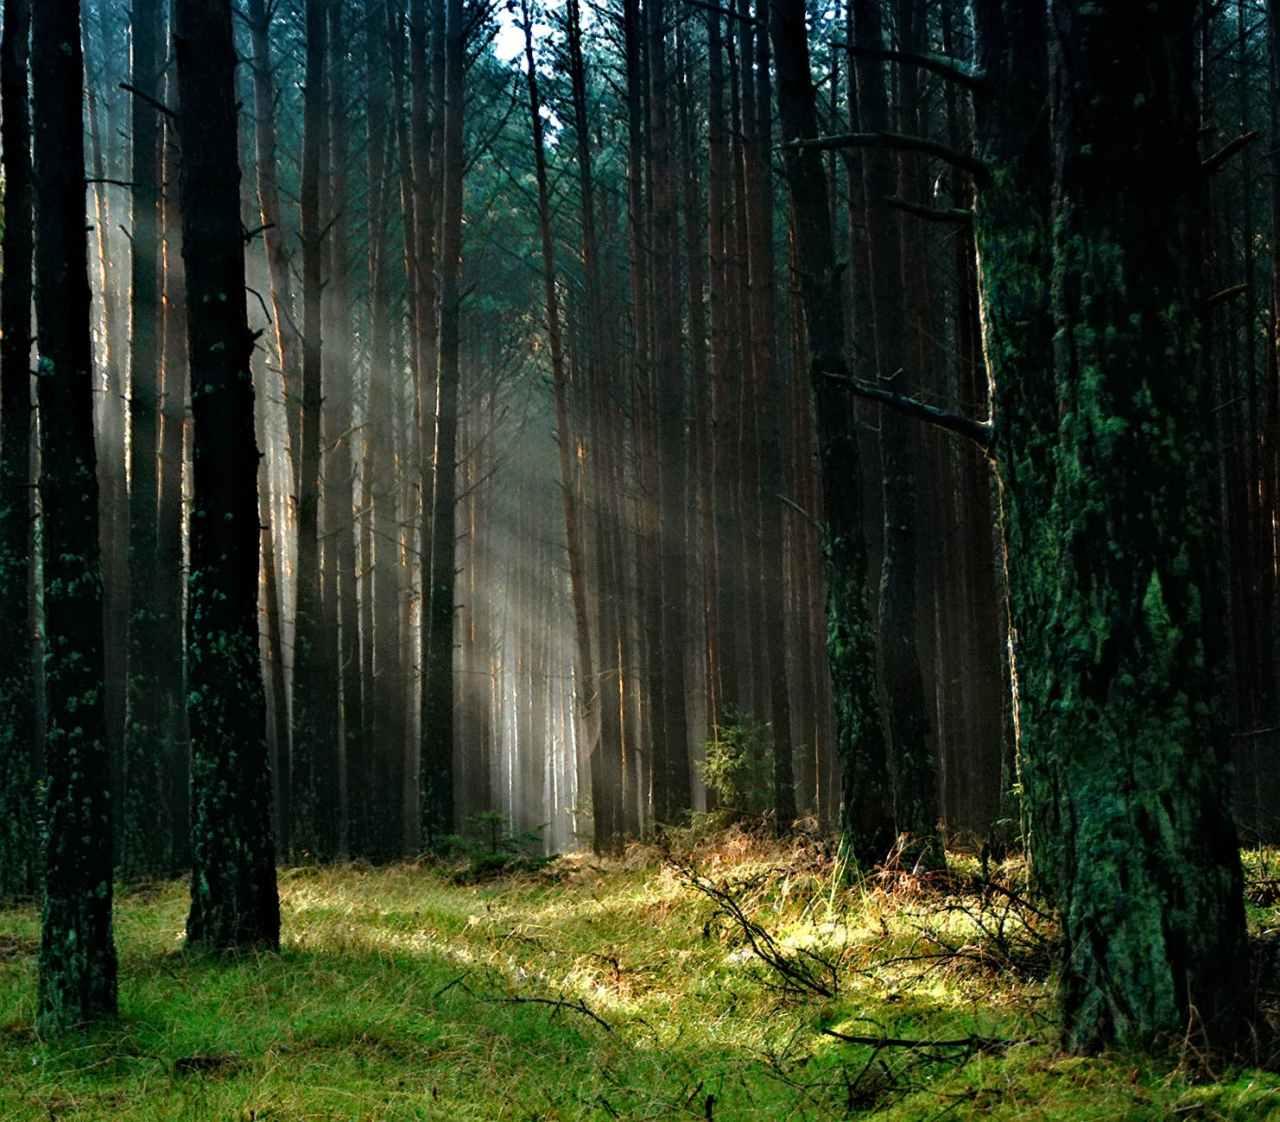 Πατέρας πήρε τα τρία παιδιά του και κρύφτηκαν στο δάσος για να σωθούν από τον…κορονοϊό